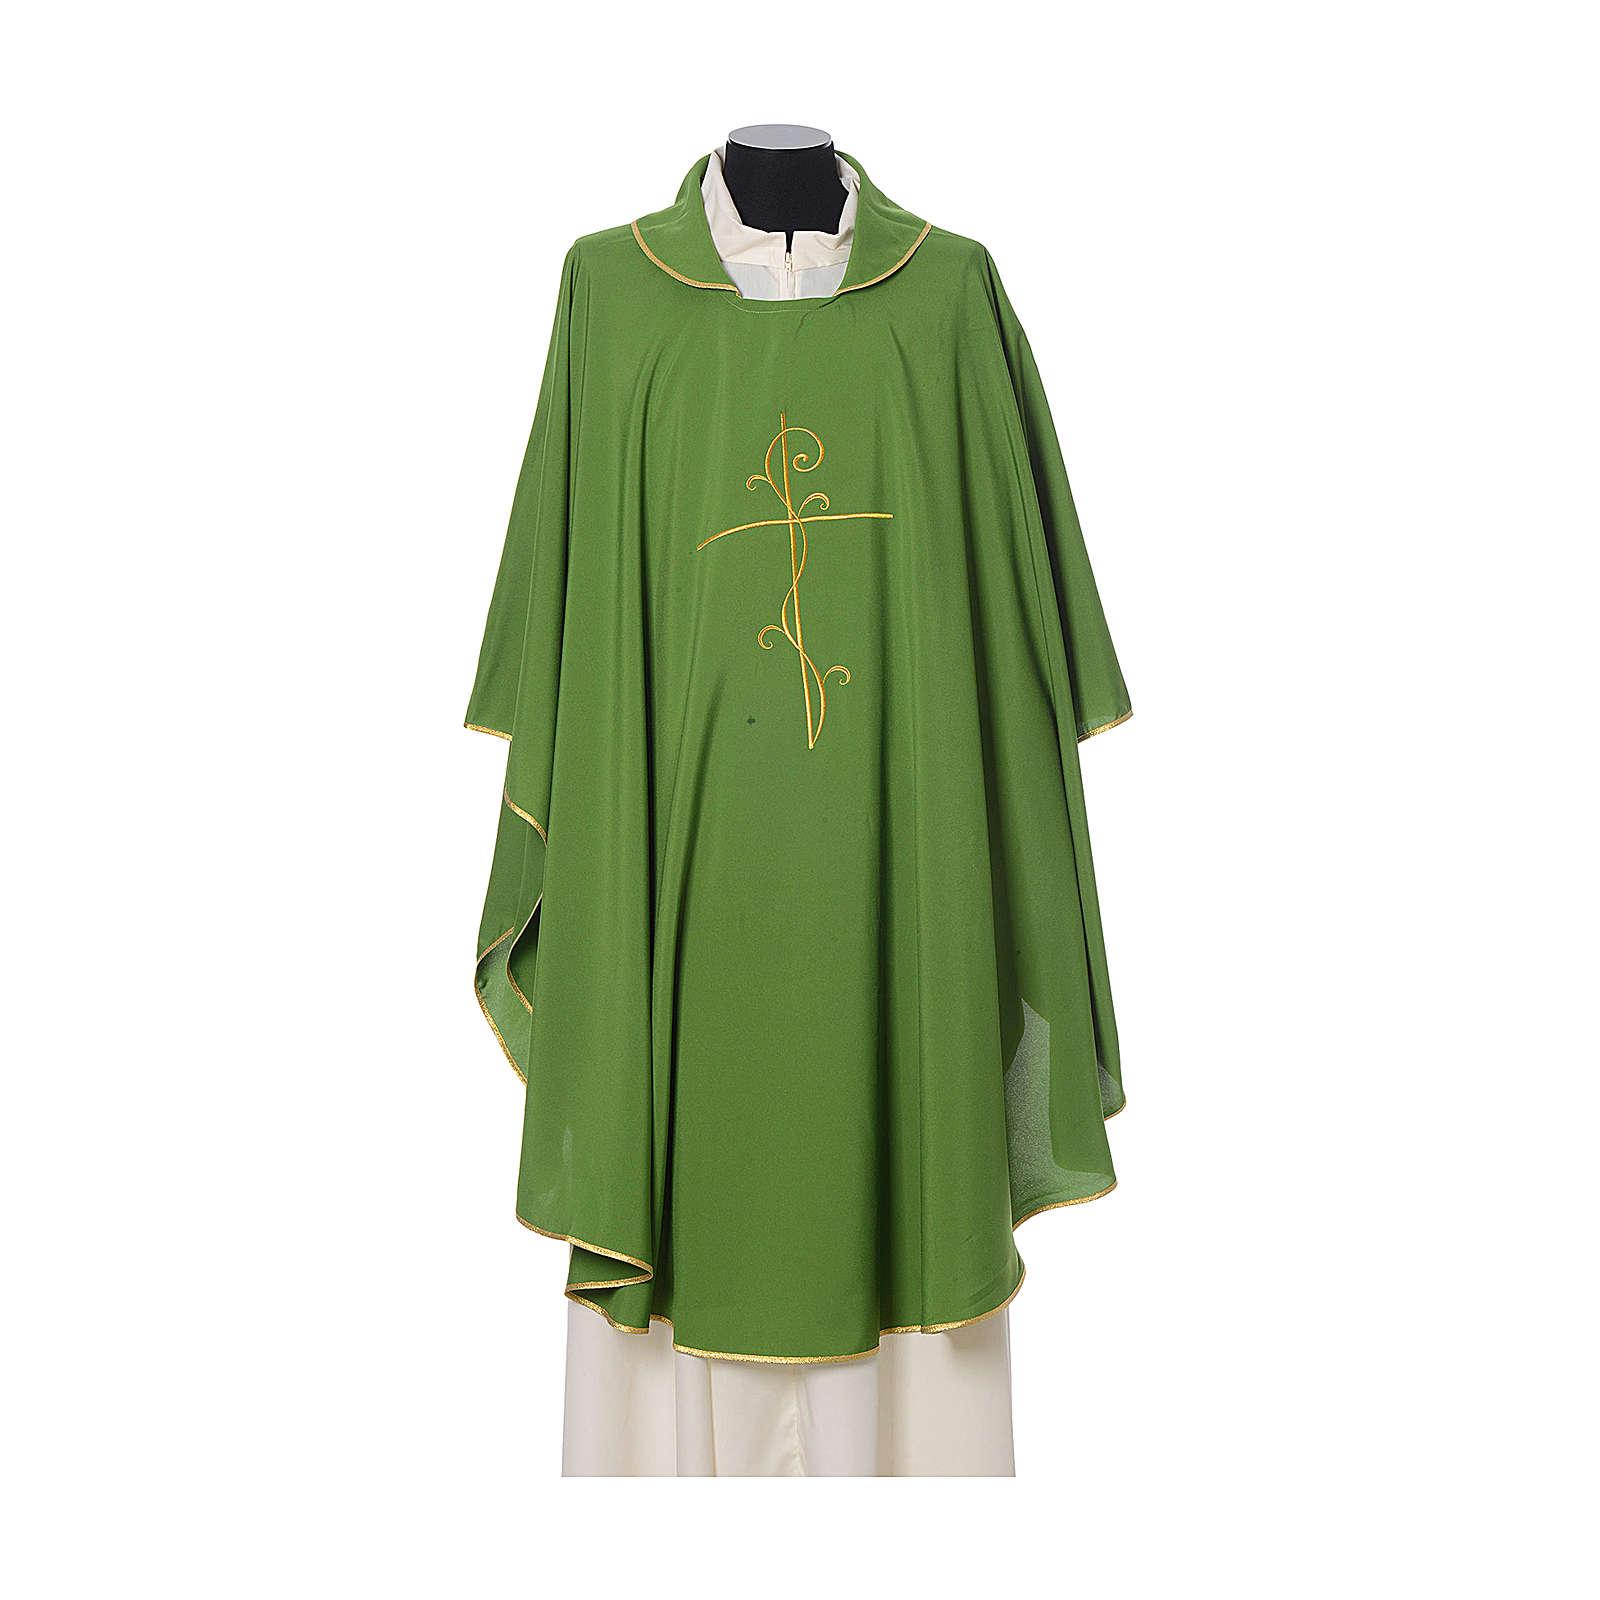 Casula tecido leve Vatican poliéster bordado cruz ambos lados 4